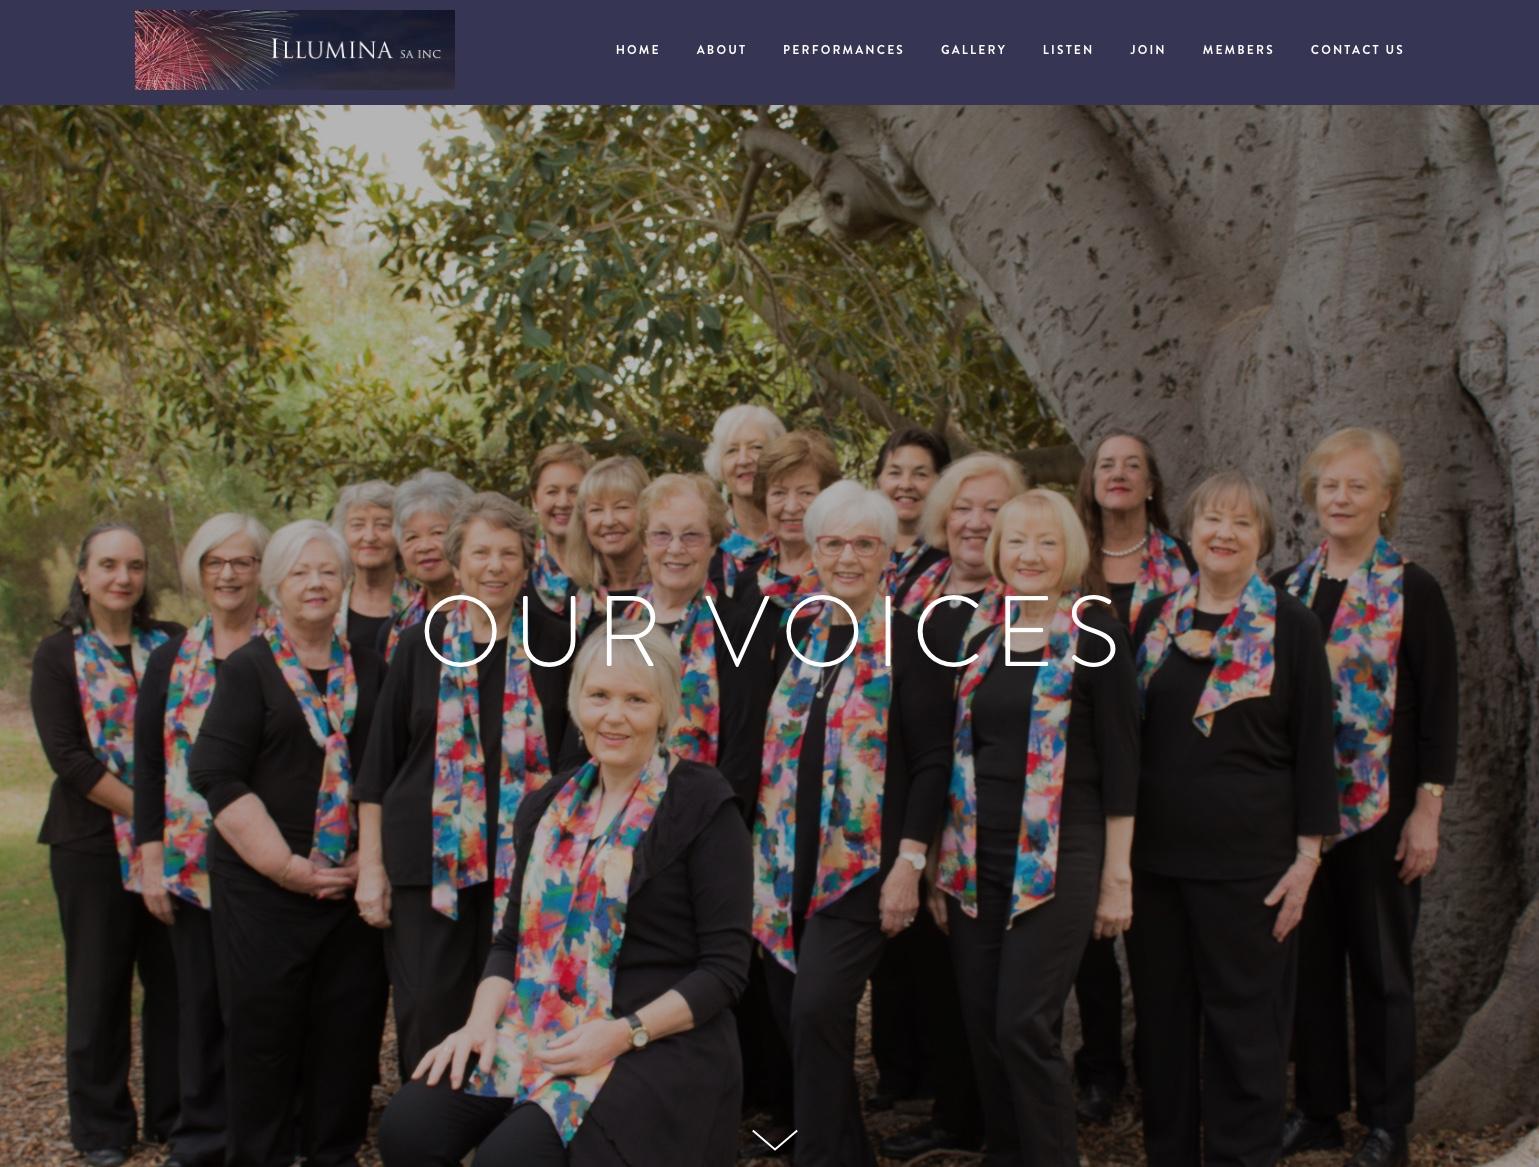 Visit Illumina Voices